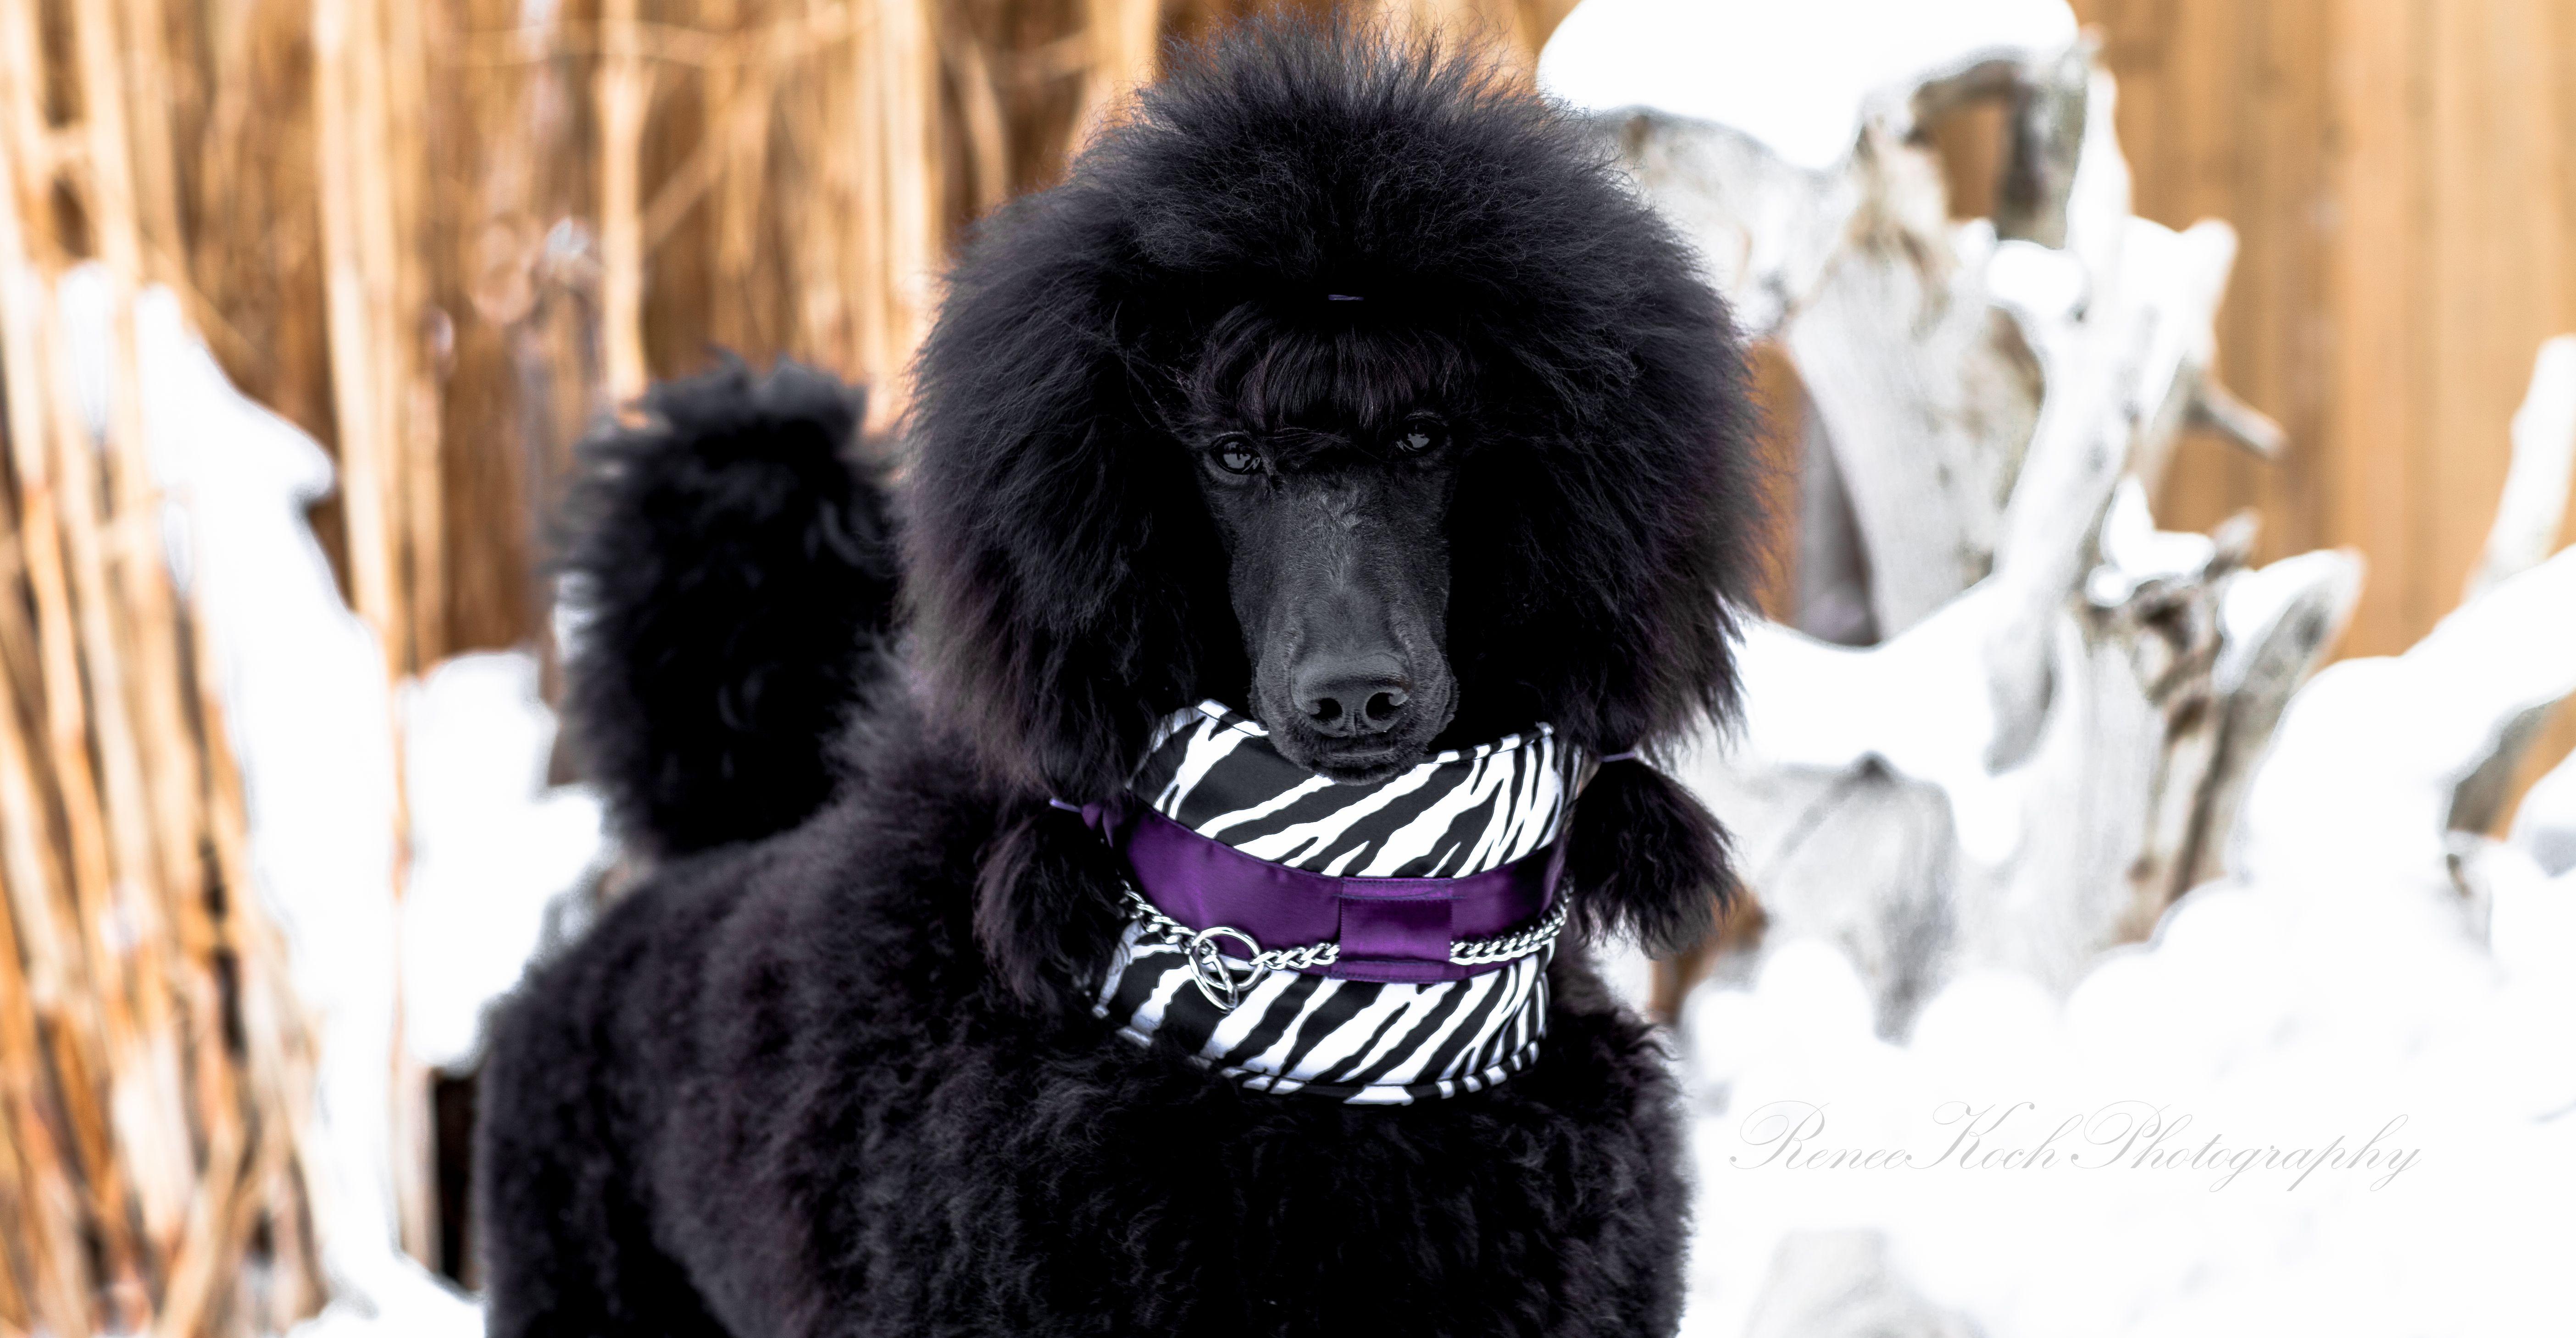 Zebra Satin Collar Dog Boutique Dog Breeds Poodle